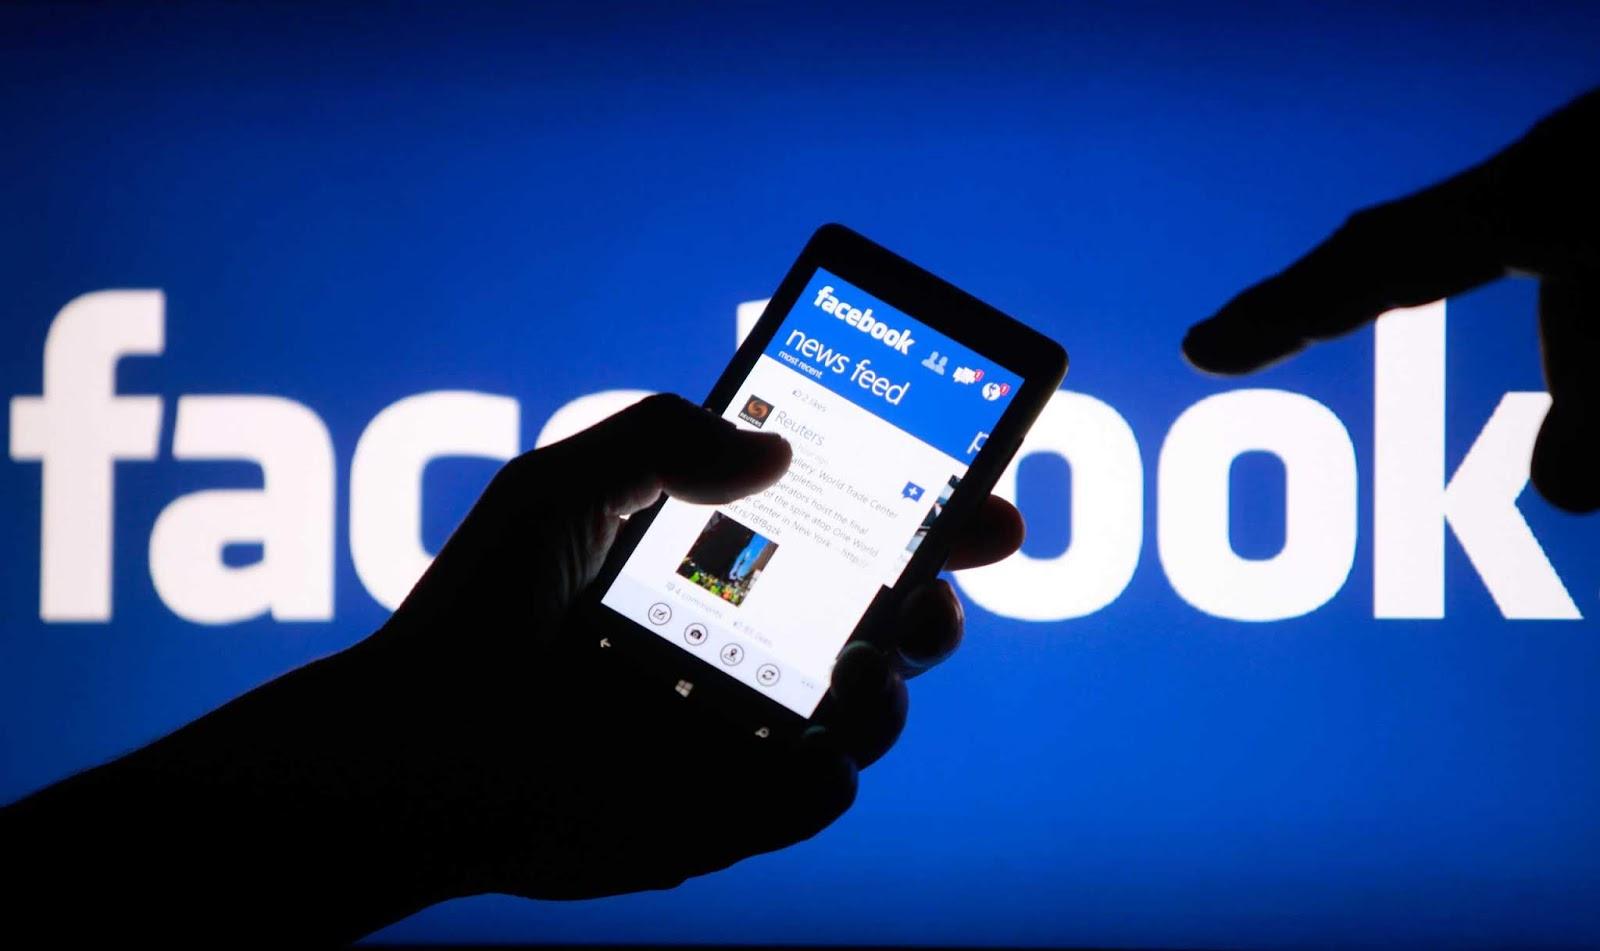 اخير شركة فيسبوك اضافت قسم خاص للفيديوهات على facebook lite على نظام الاندرويد